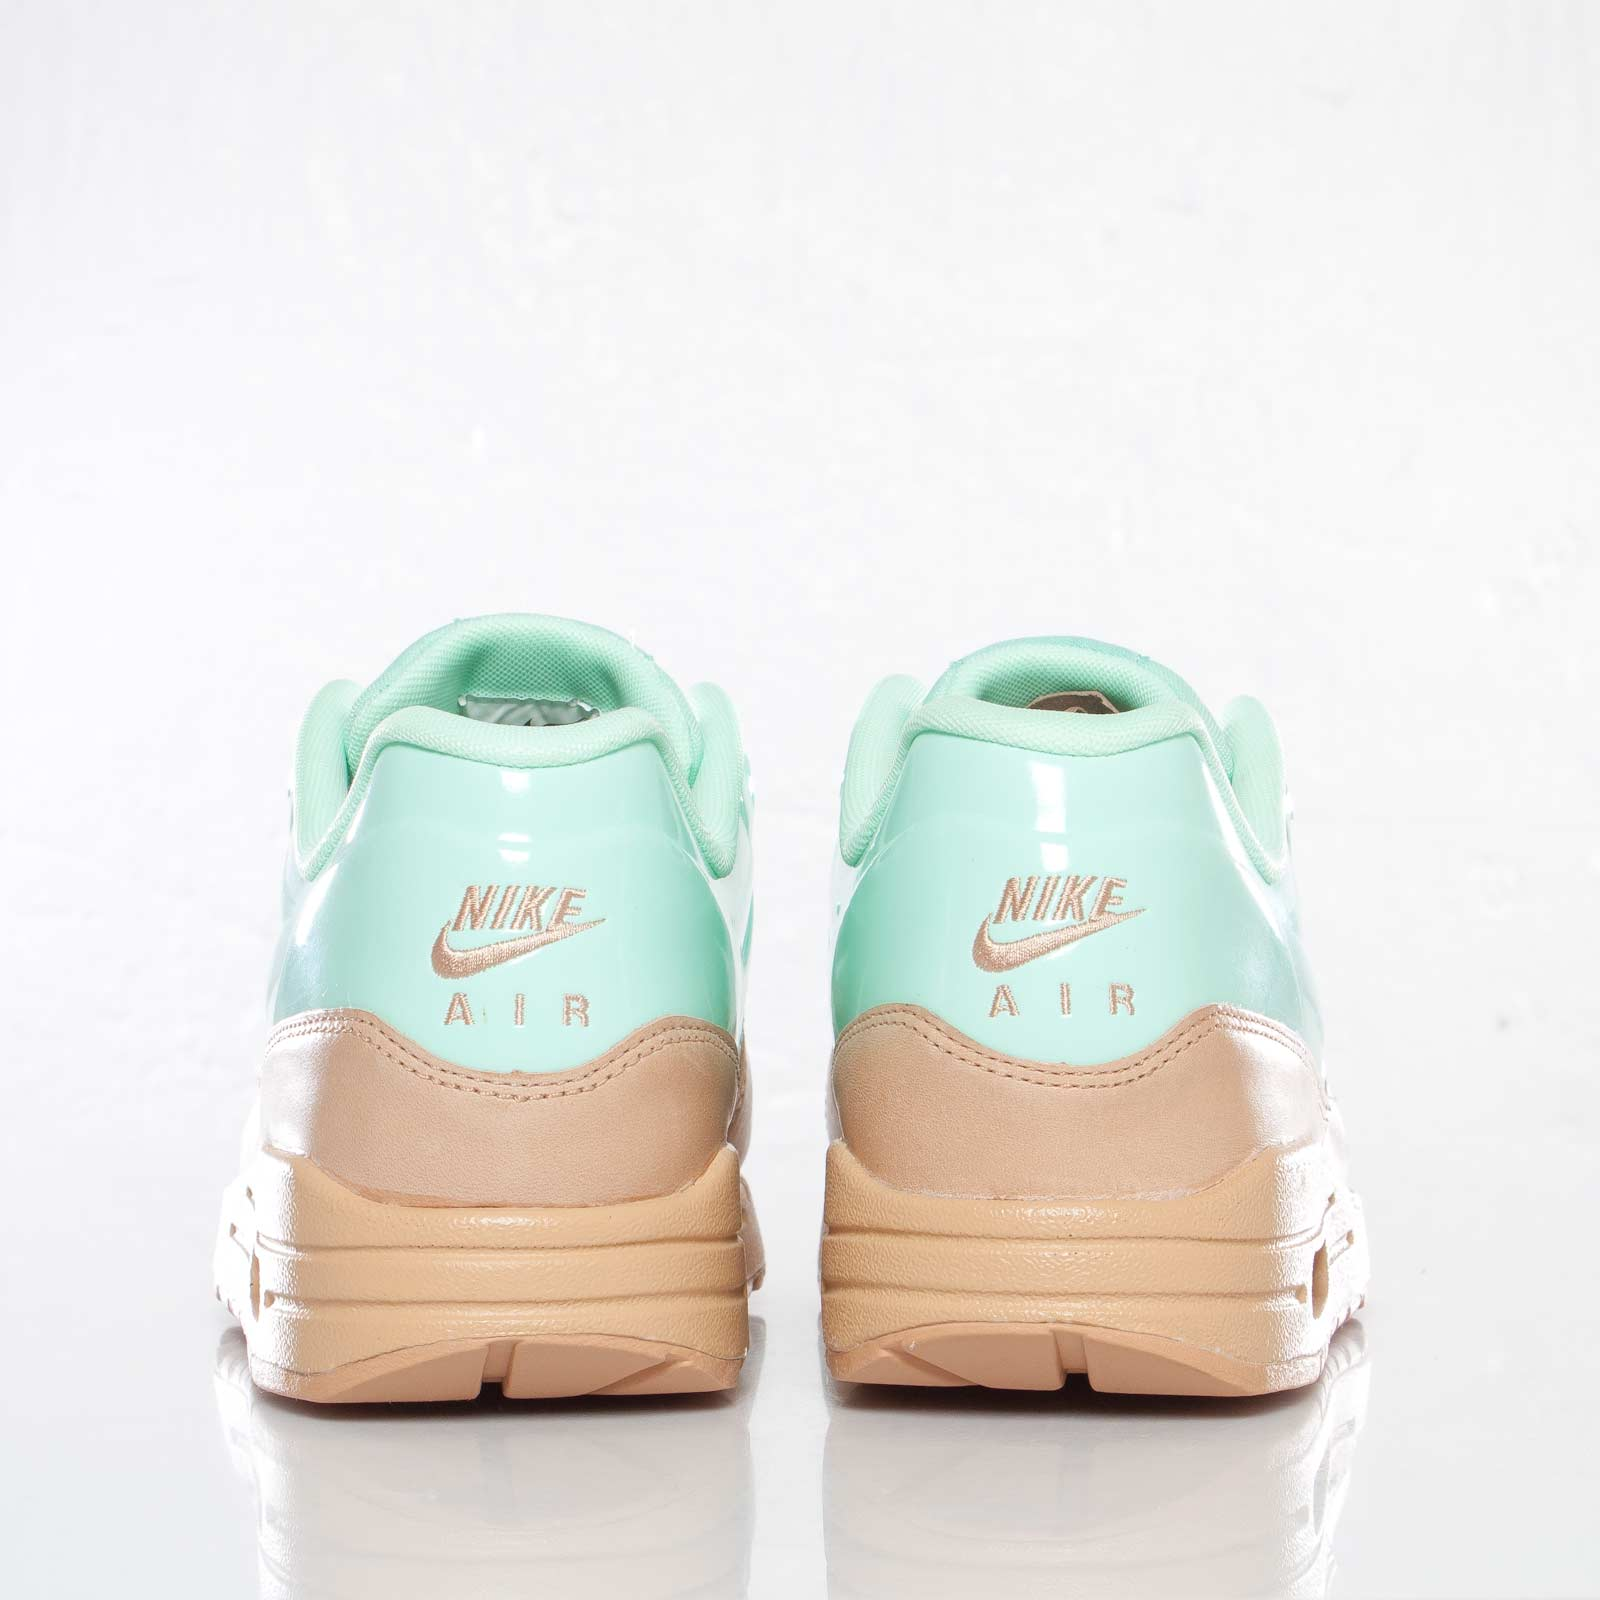 Nike Wmns Air Max 1 VT QS 615868 201 Sneakersnstuff